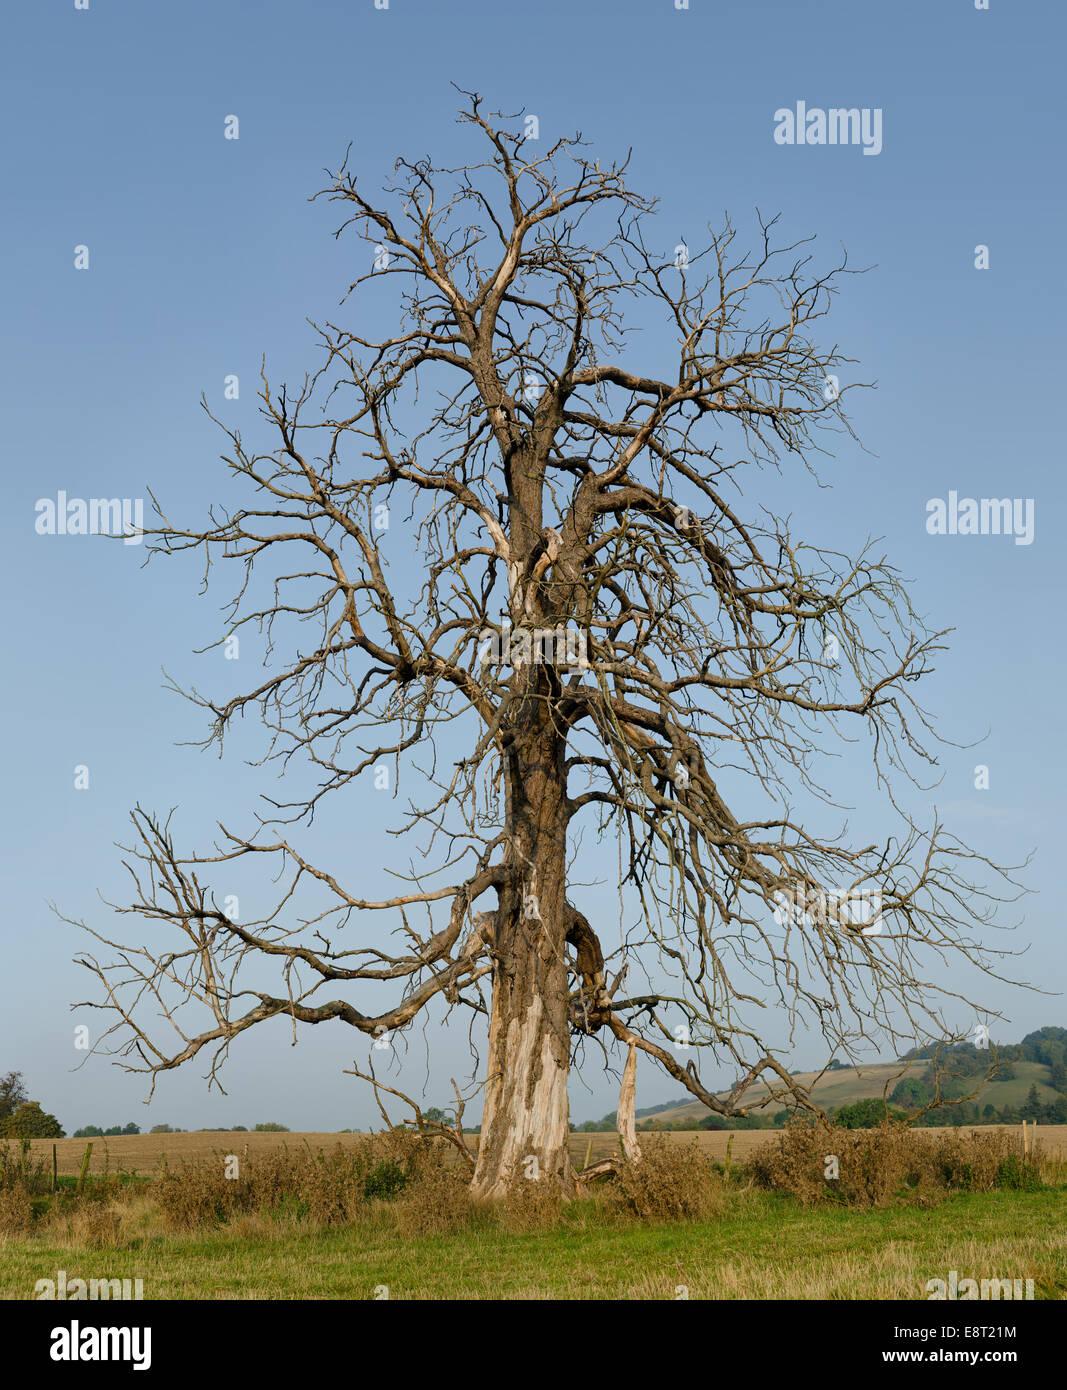 Le marronnier d'âge mûr qui est décédé et est toujours debout dans les champs ouverts Photo Stock